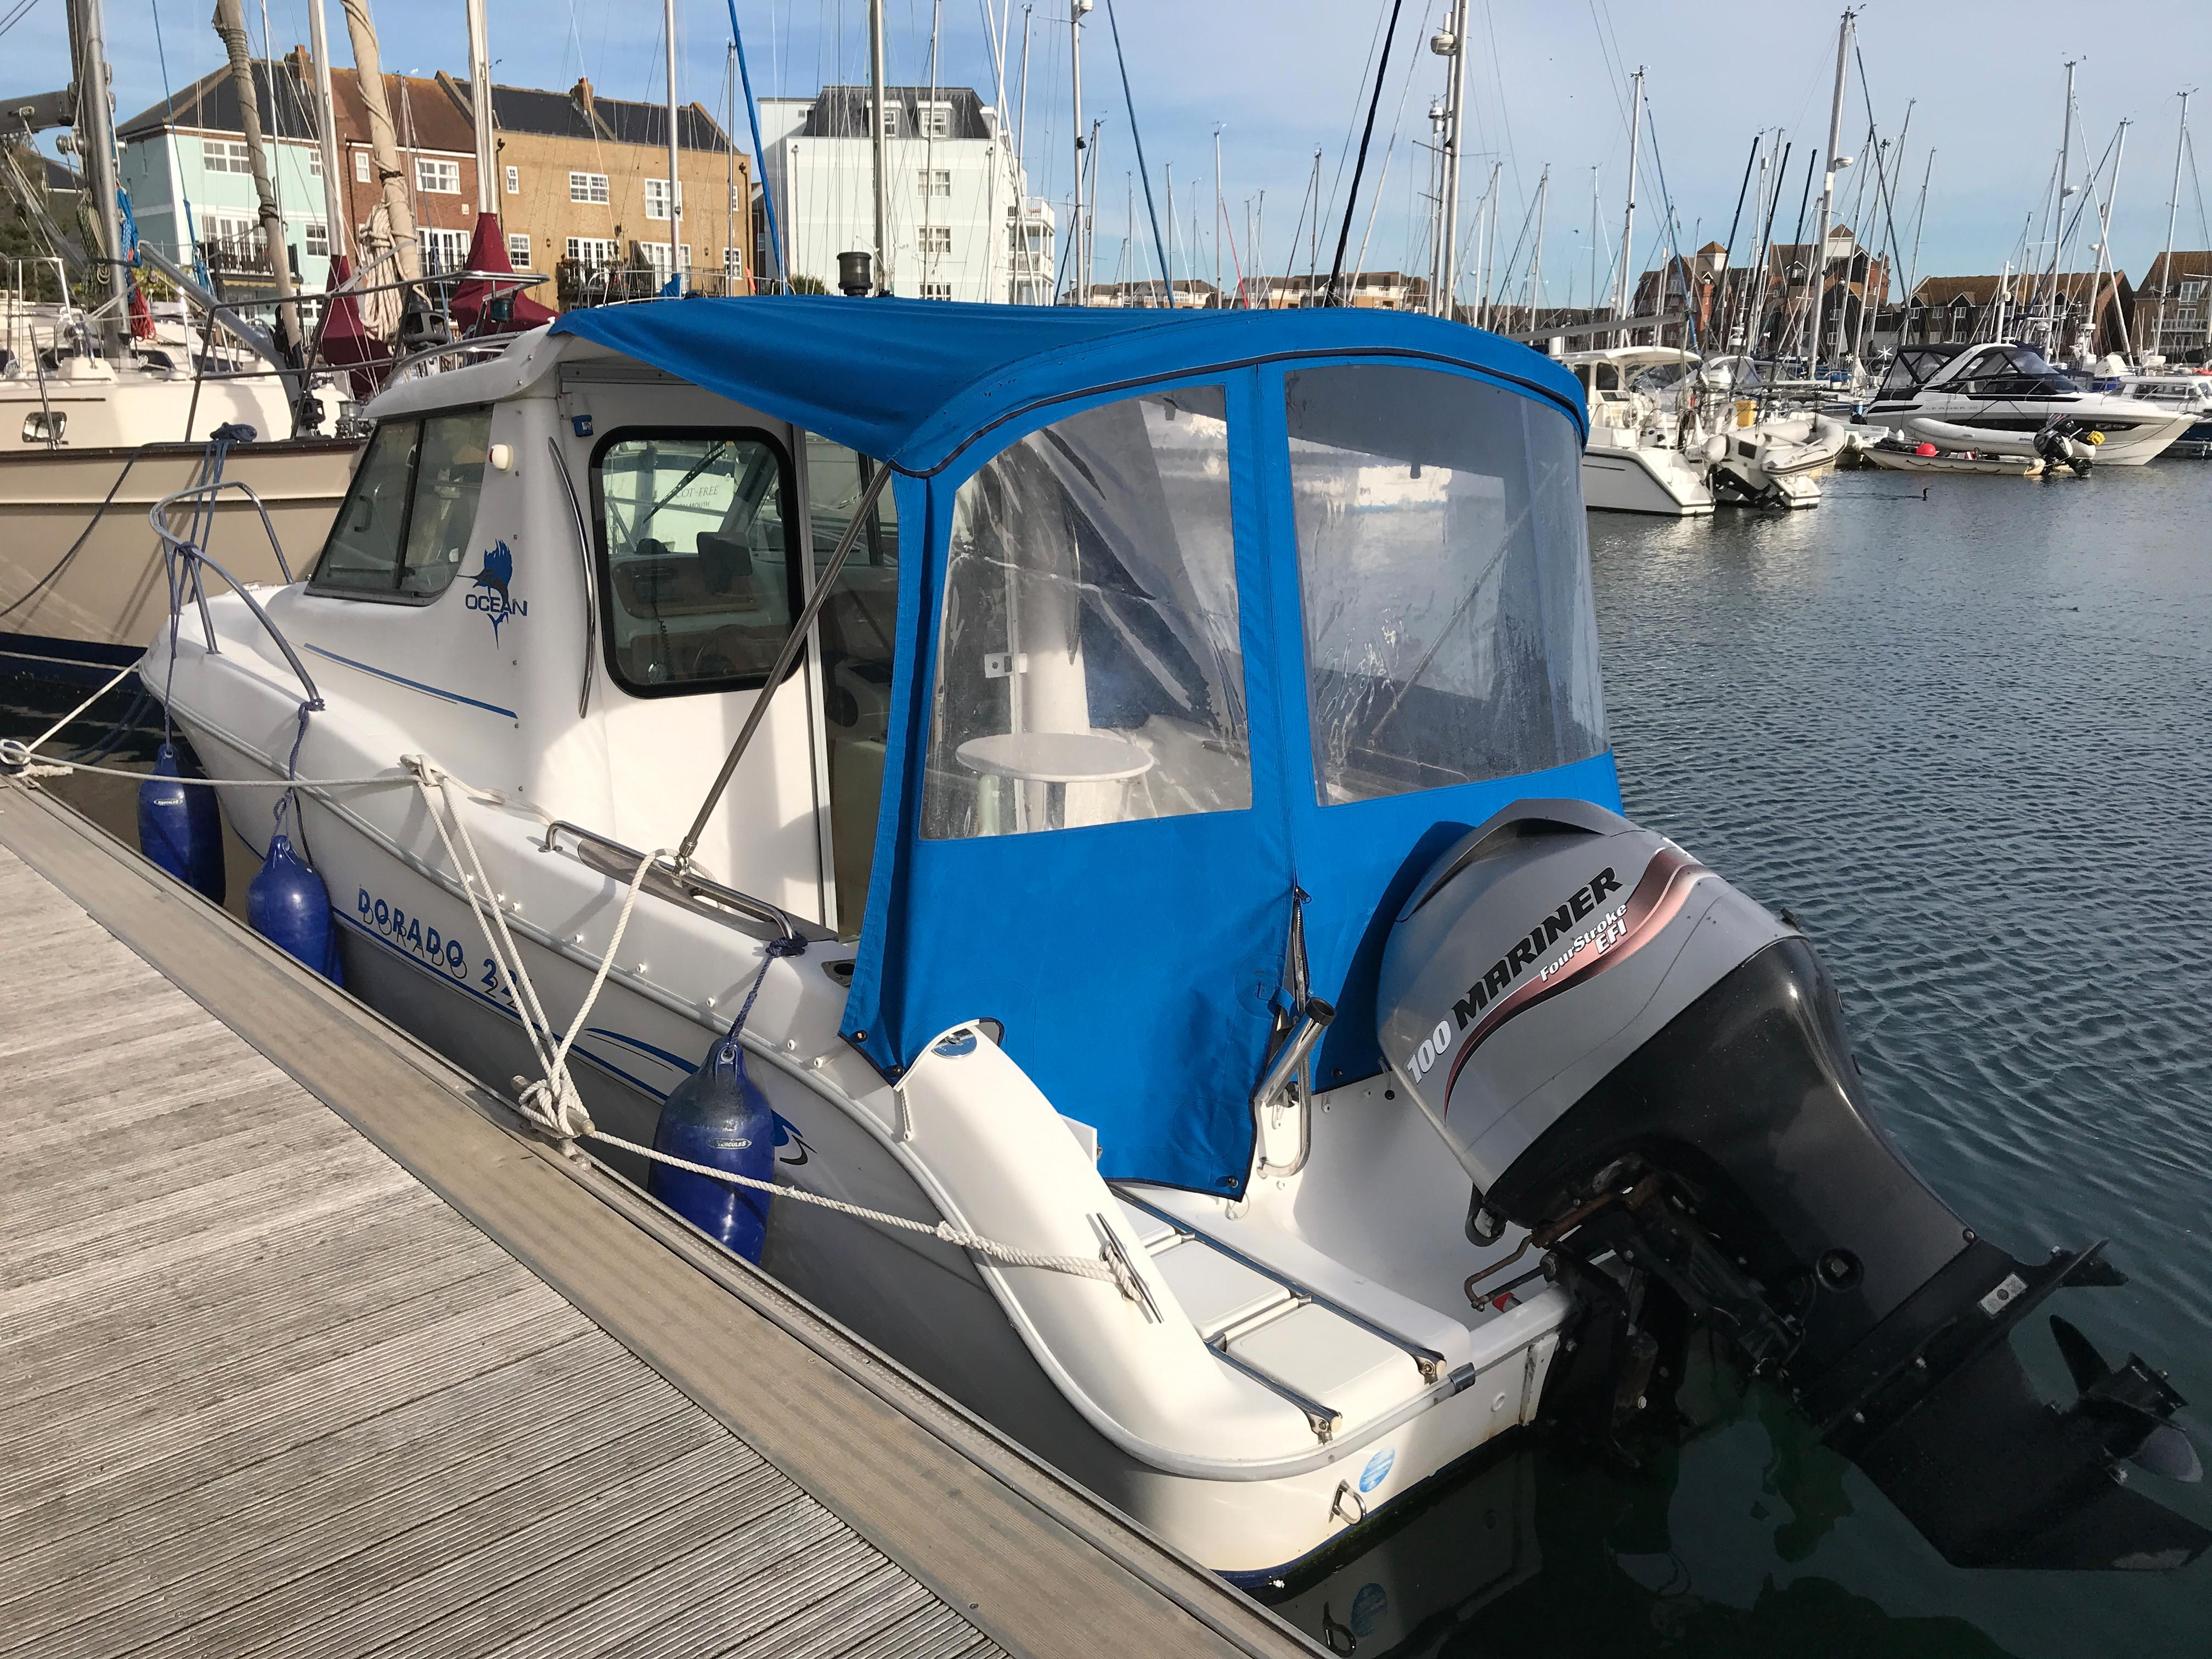 Sessa Marine Dorado 22 for sale - Bates Wharf